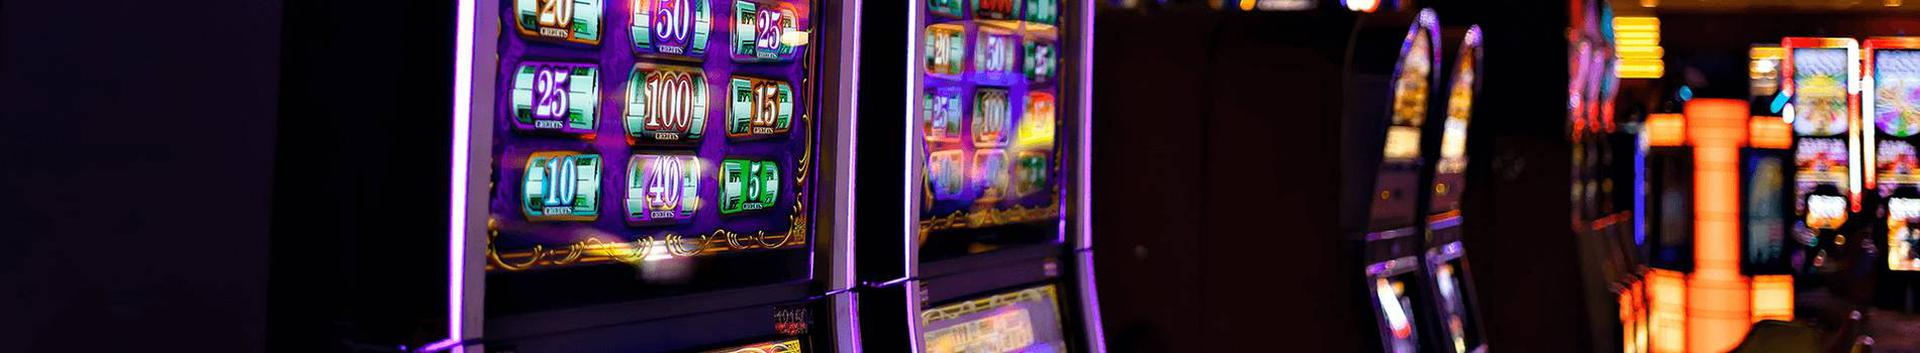 92001_hasartmangude-korraldamine_88154505_xl.jpg